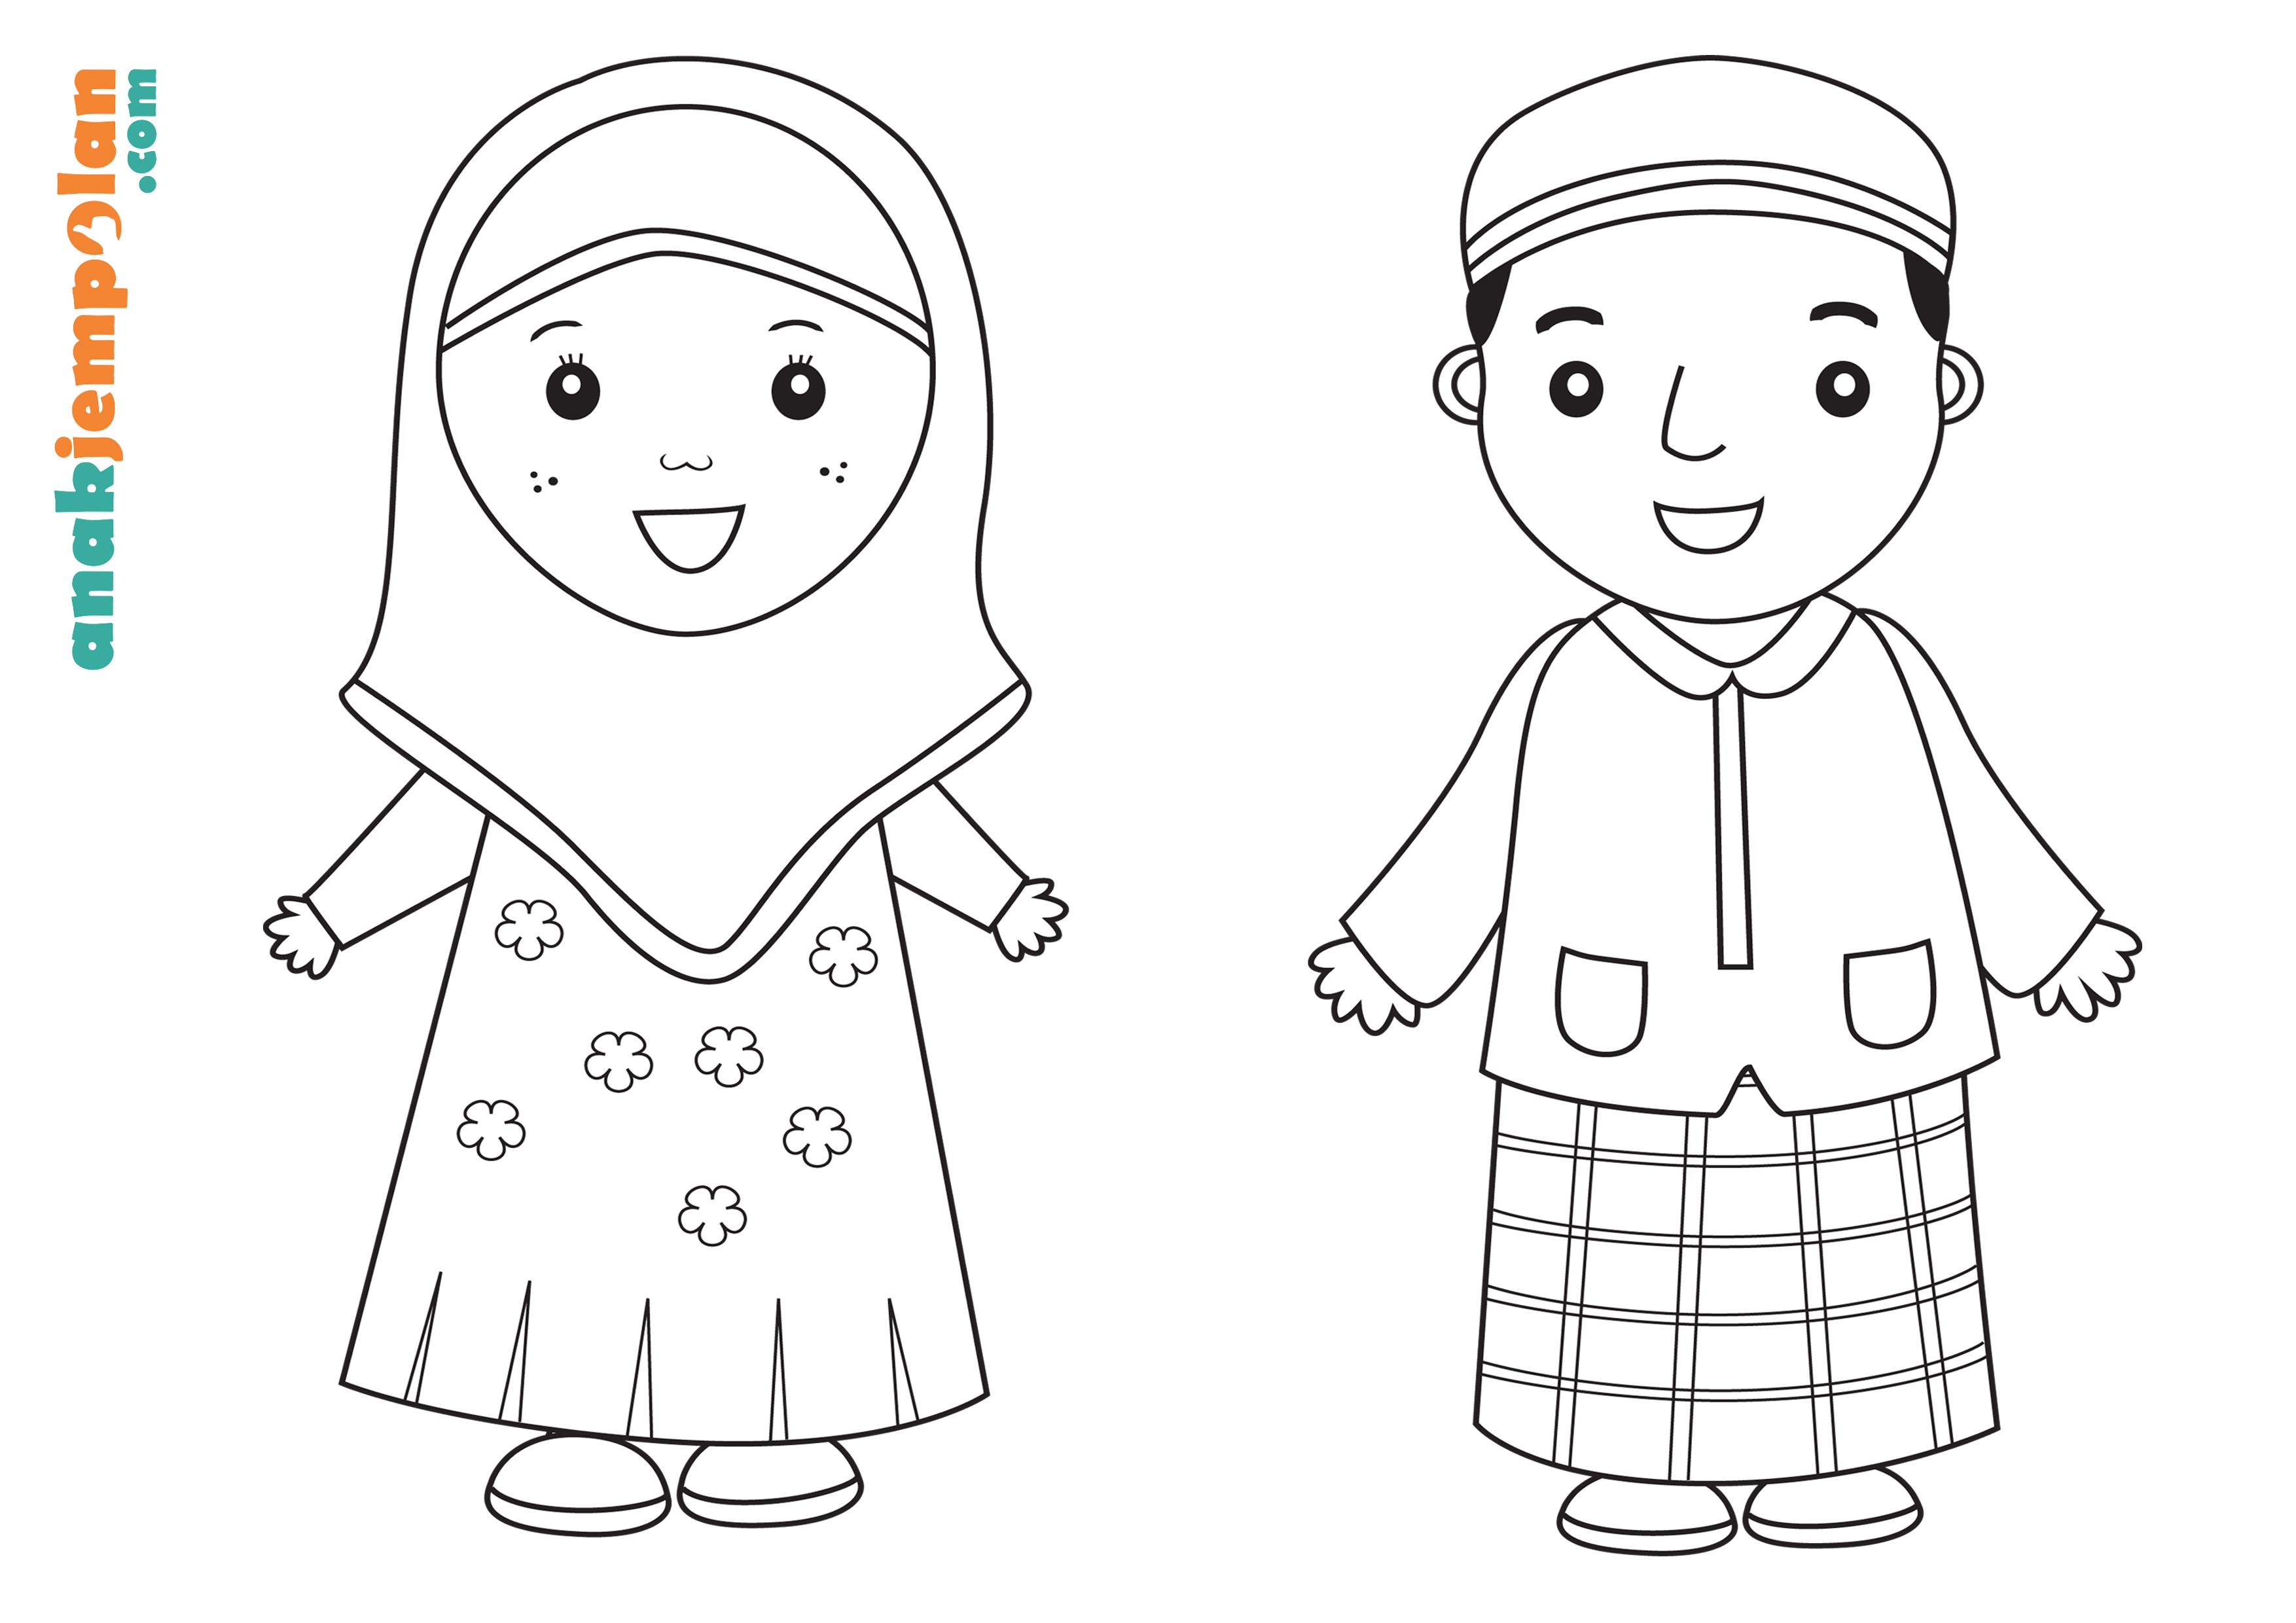 Gambar Mewarnai Anak Muslim Dan Muslimah Mewarnai Cerita Terbaru Lucu Sedih Humor Kocak Romantis